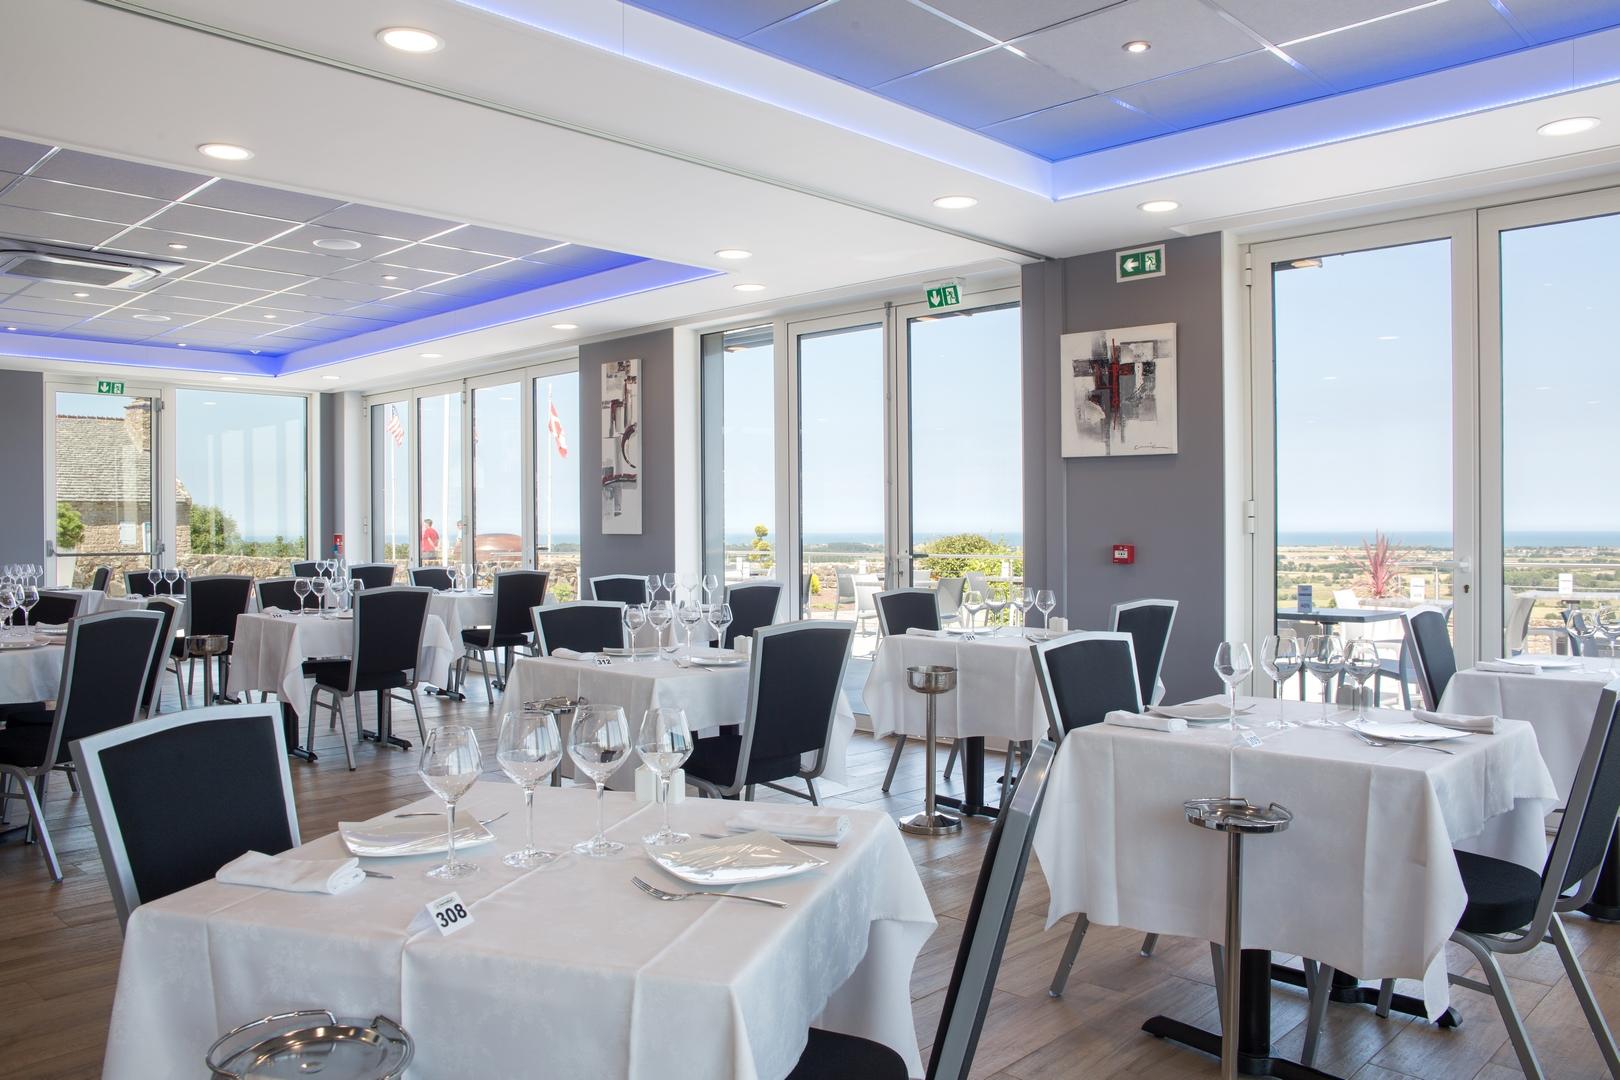 Salle du Panoramique, Restaurant Val de Saire